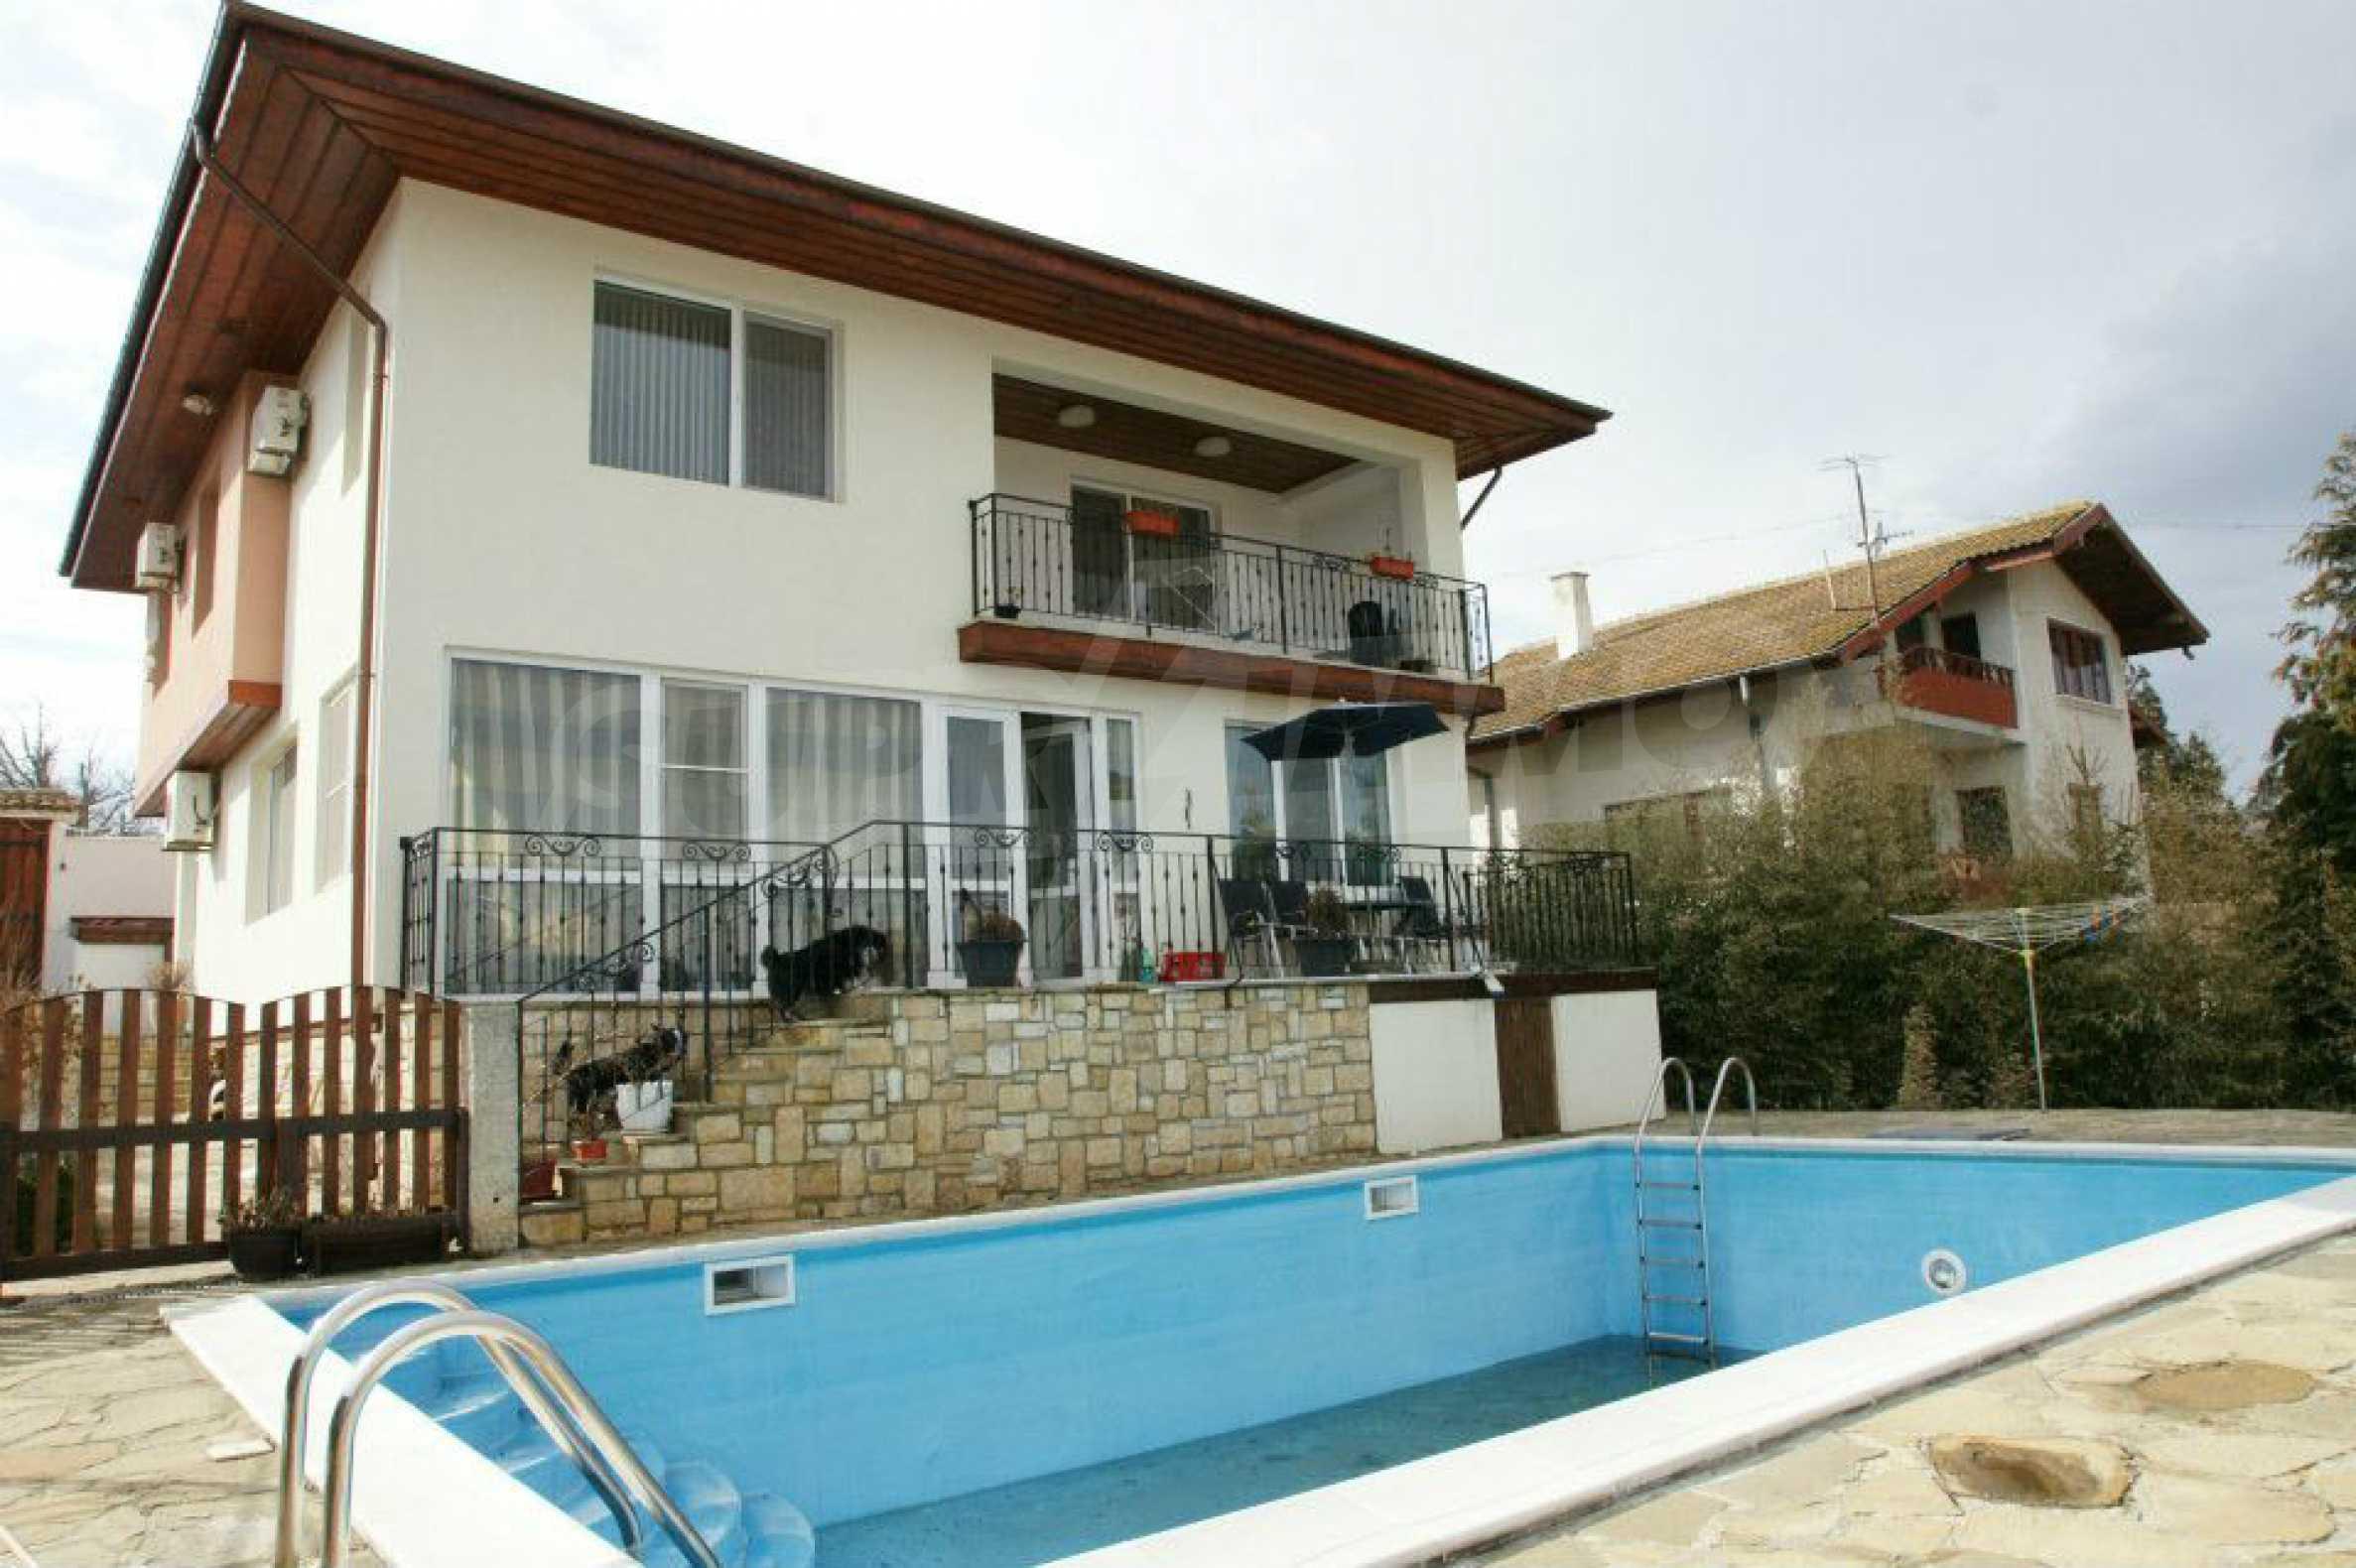 Zweistöckiges Haus mit Pool und Meerblick in der Nähe von Varna